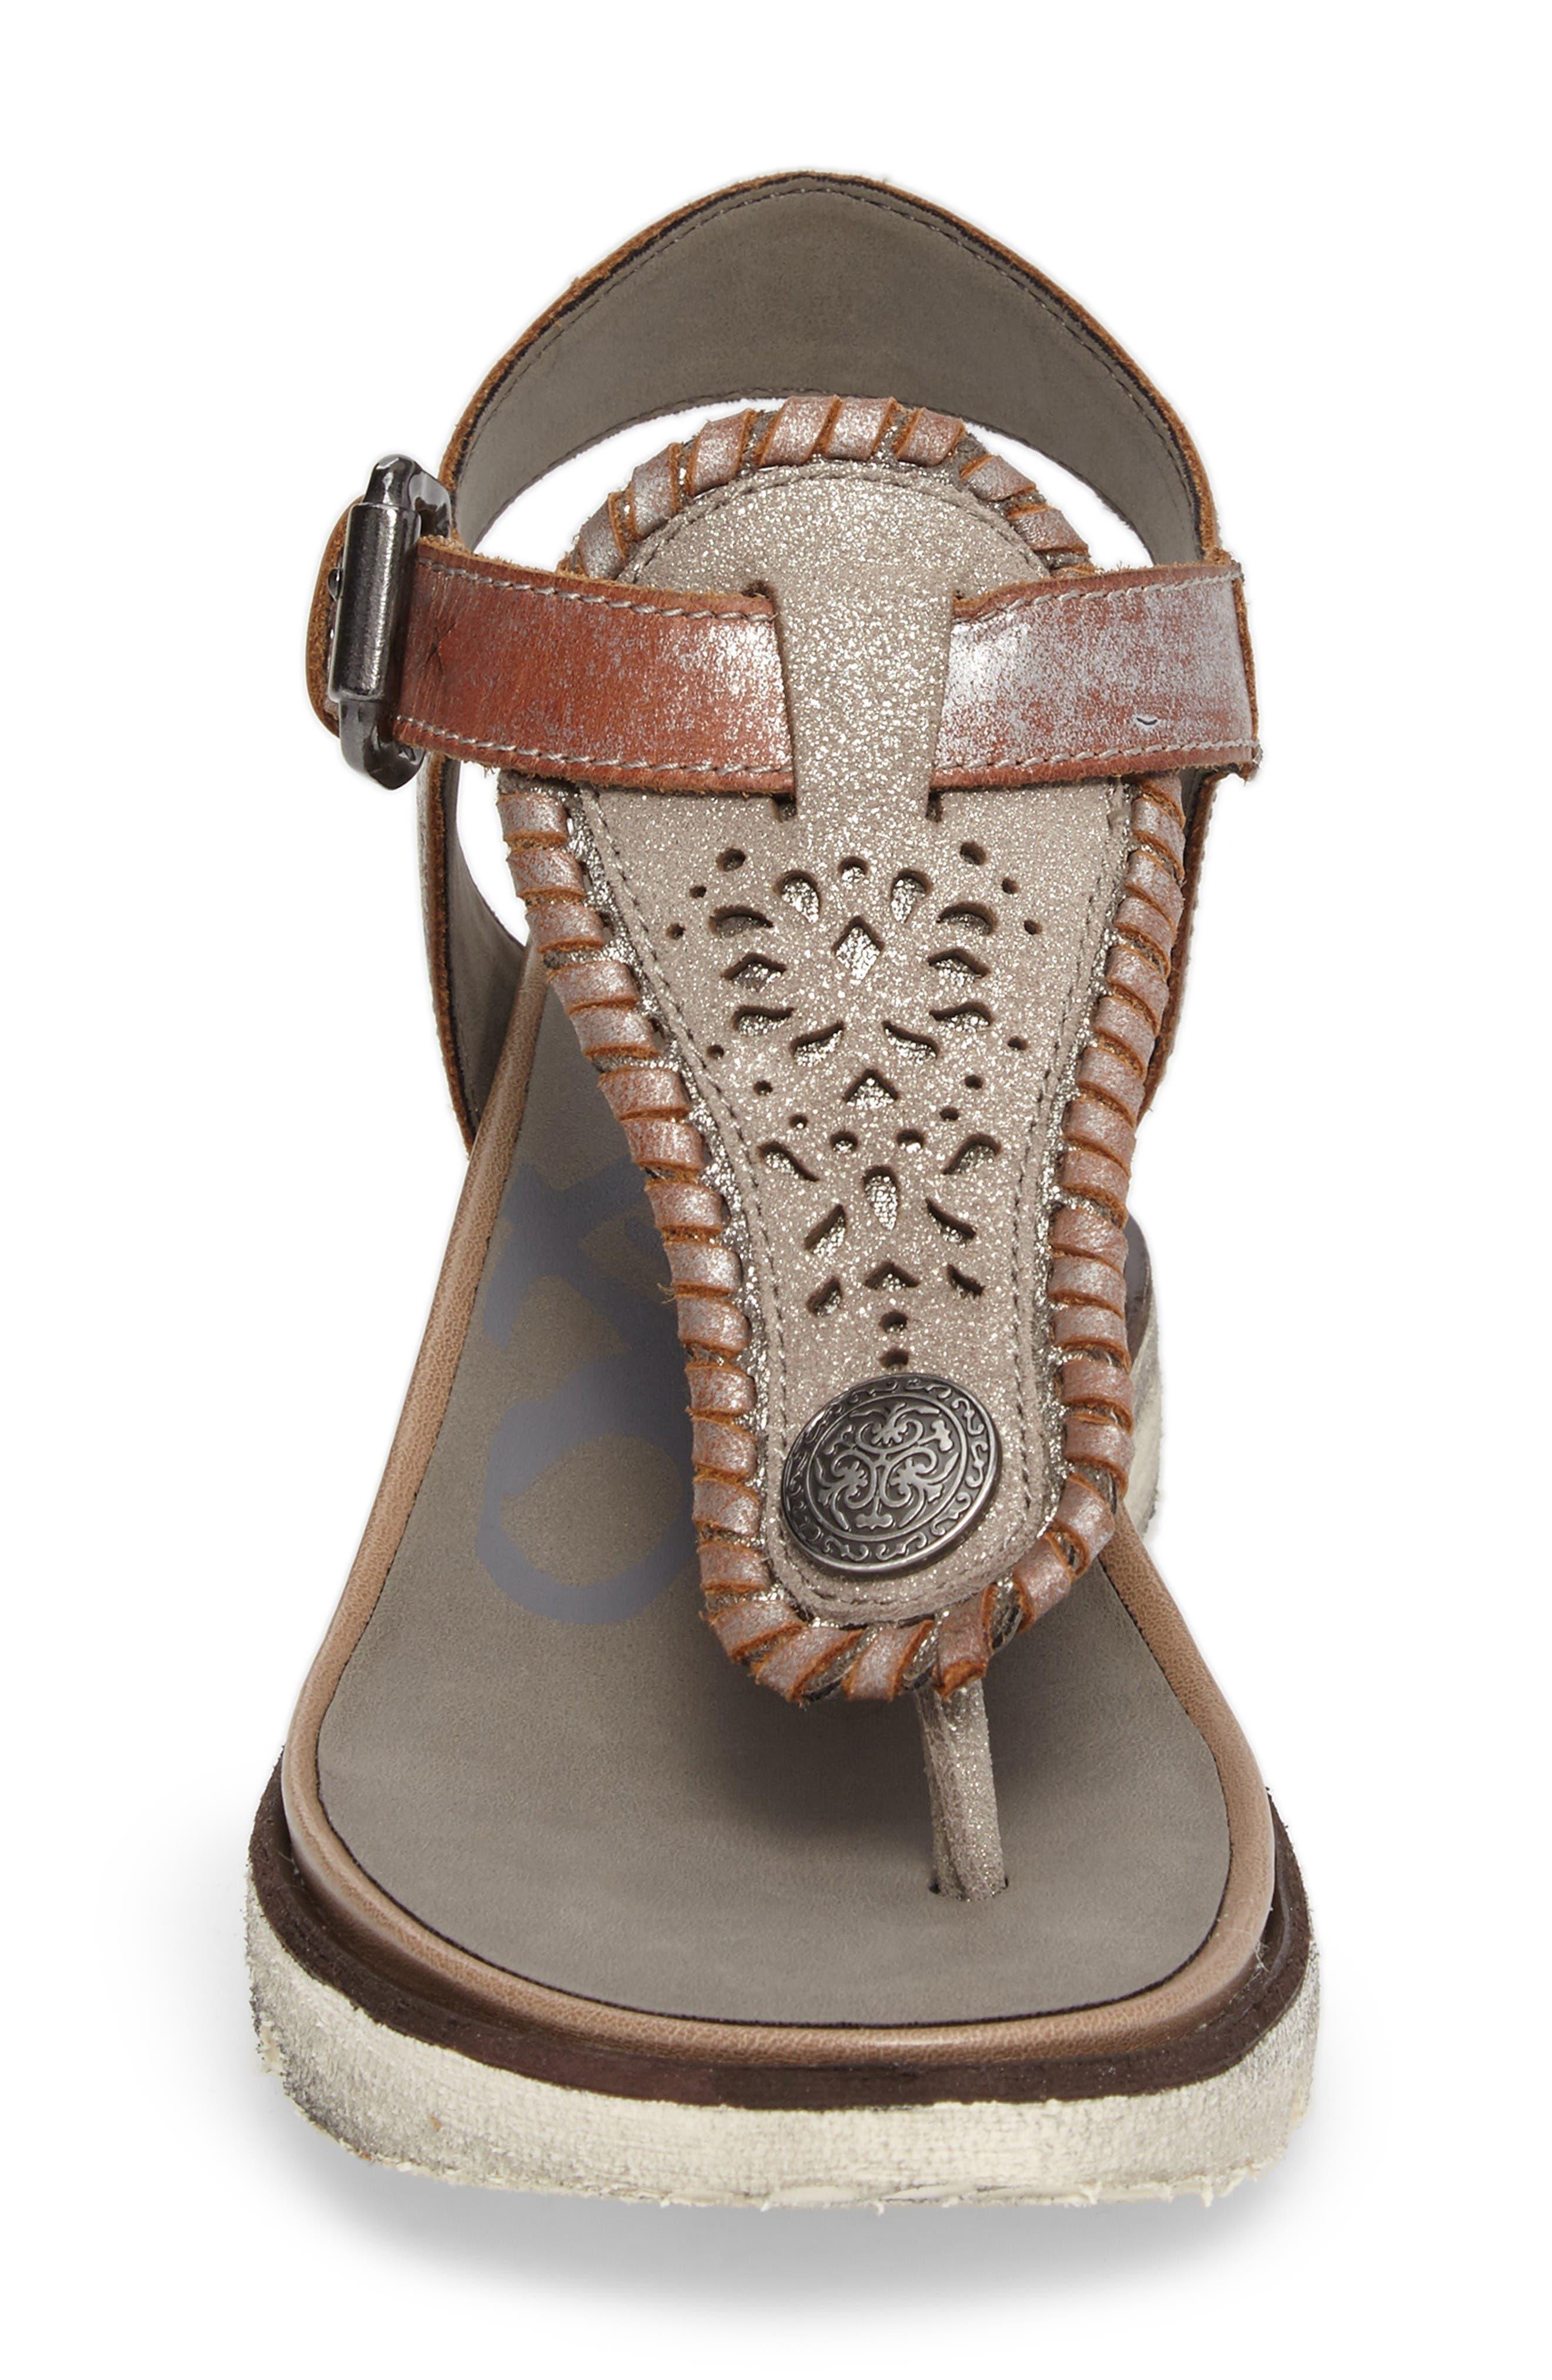 Excursion Wedge Sandal,                             Alternate thumbnail 4, color,                             Cloudburst Leather